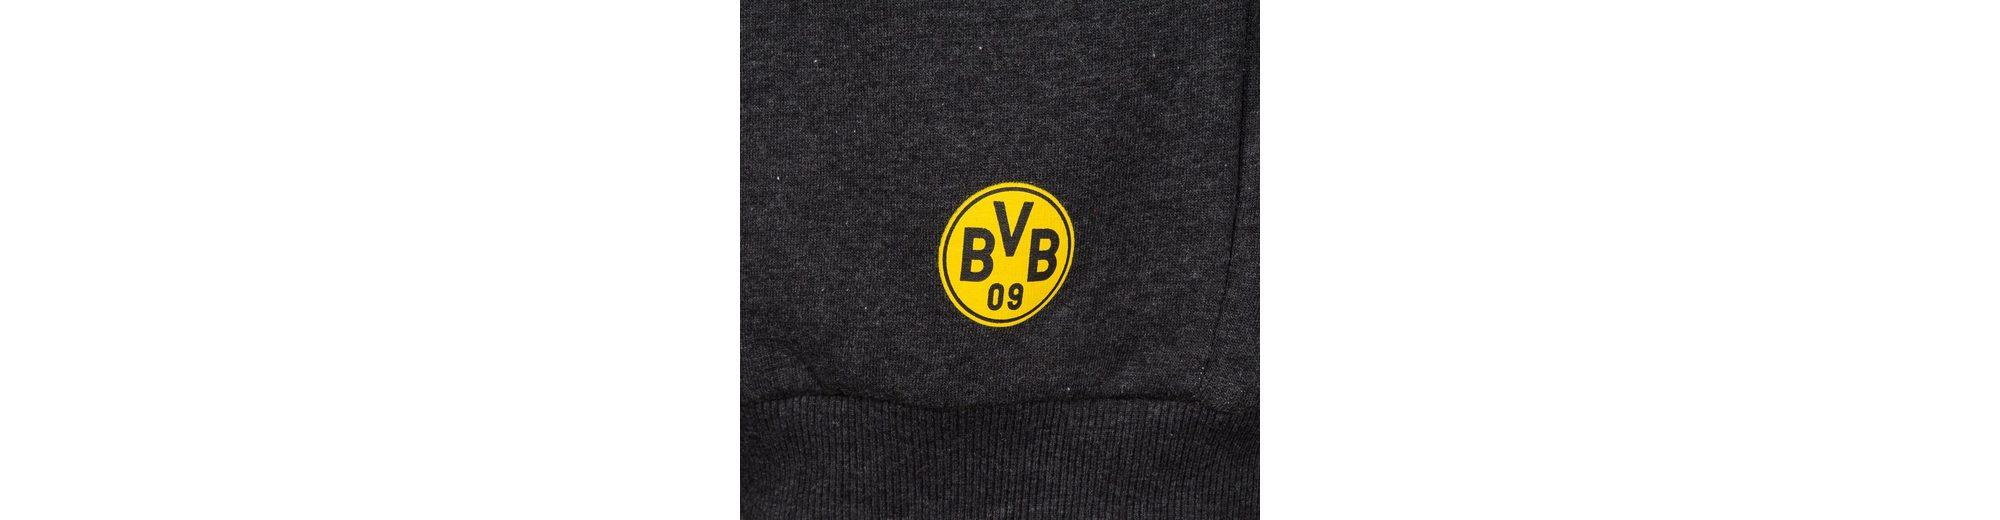 Großer Rabatt Rabatte Online PUMA Kapuzenpullover Borussia Dortmund Borusse Footlocker Günstig Online PJmkPRCFE